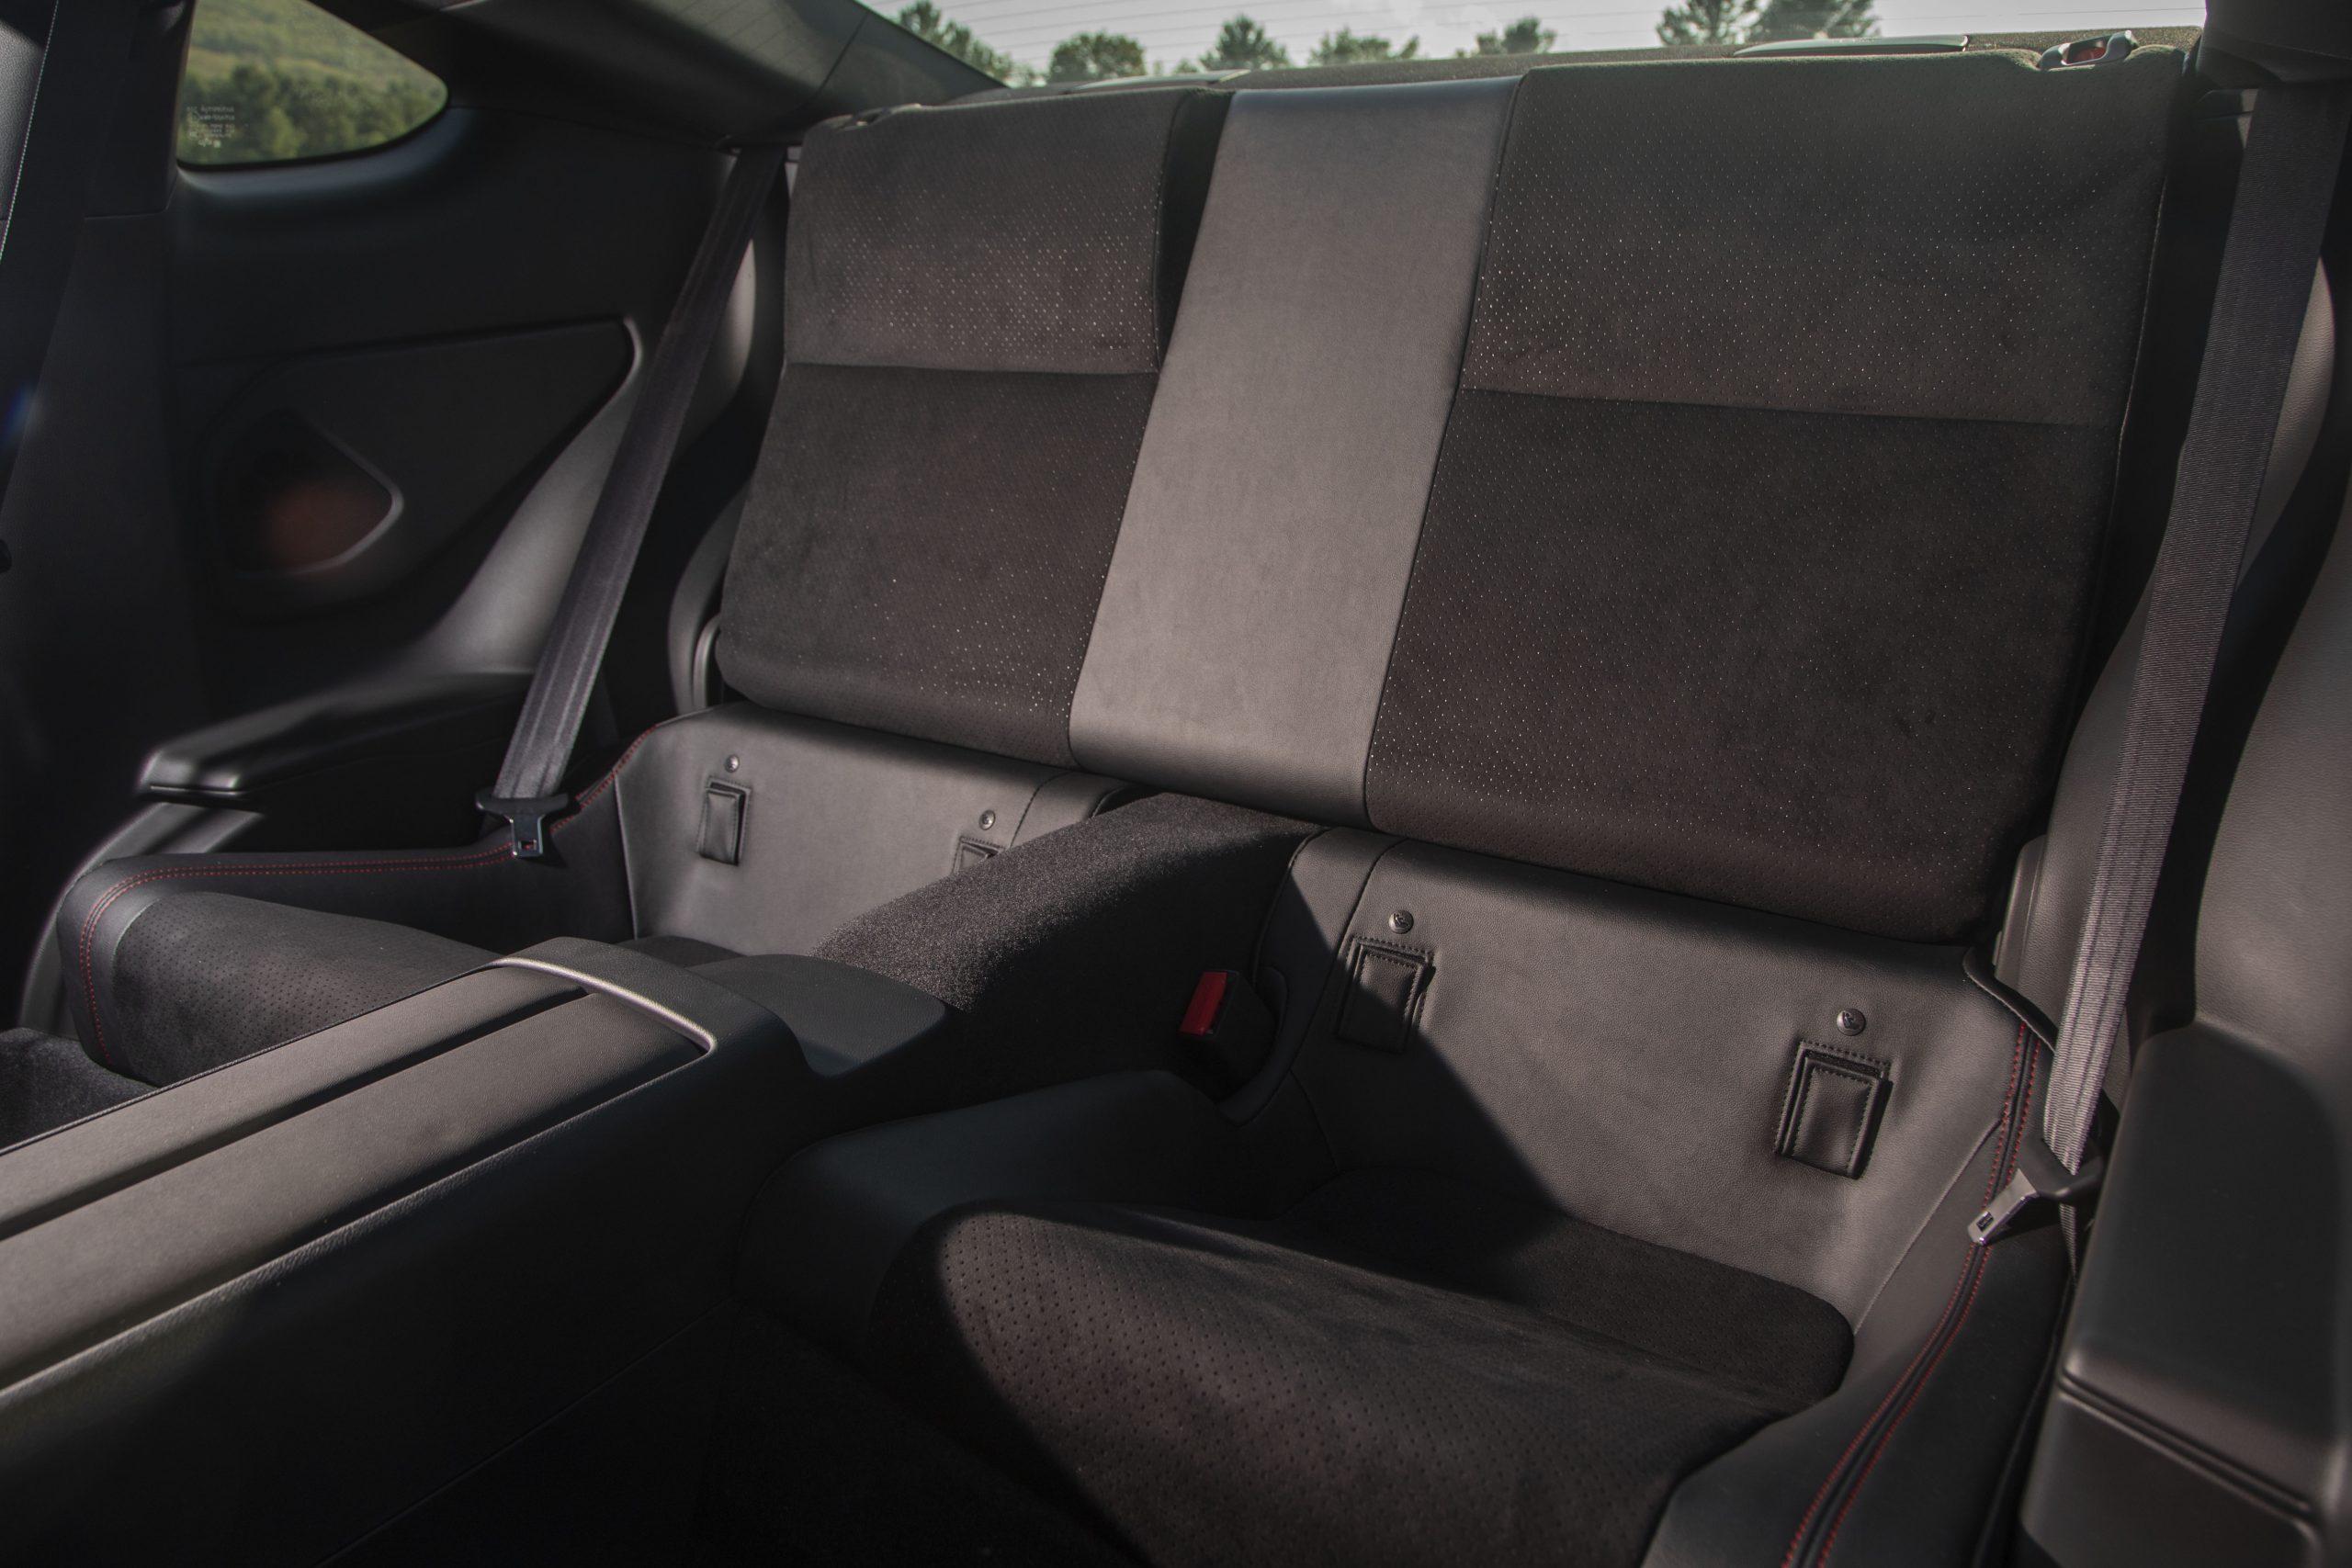 2022 Subaru BRZ interior rear seats